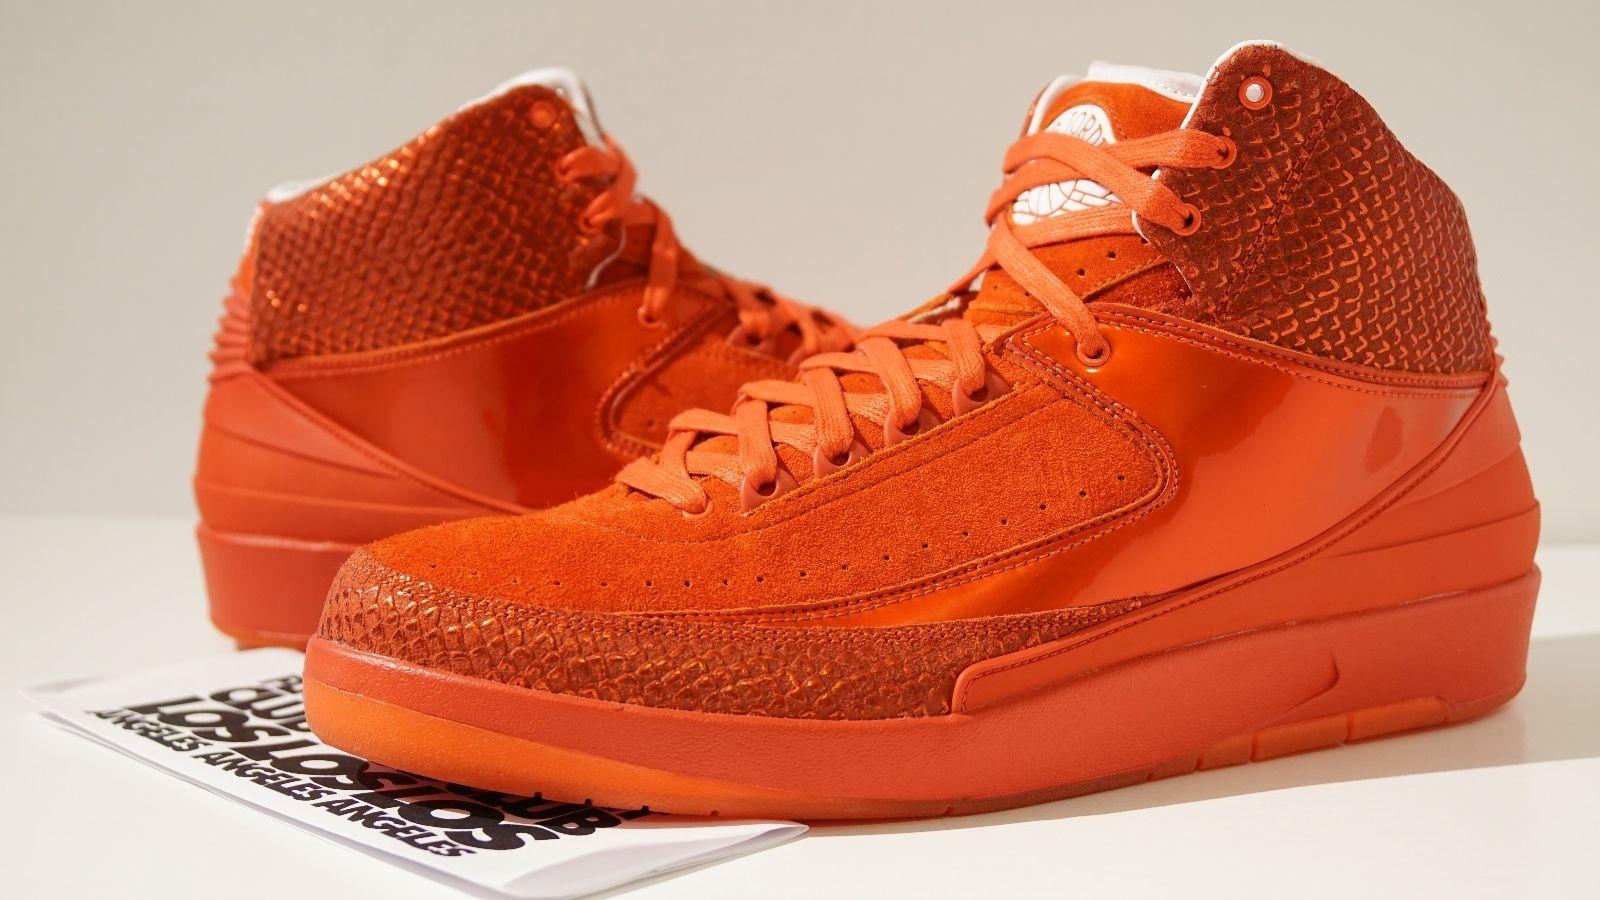 premium selection 1358c 58f6e Sneaker Grails: Justin Timberlake's Air Jordan 2 Legends Of ...